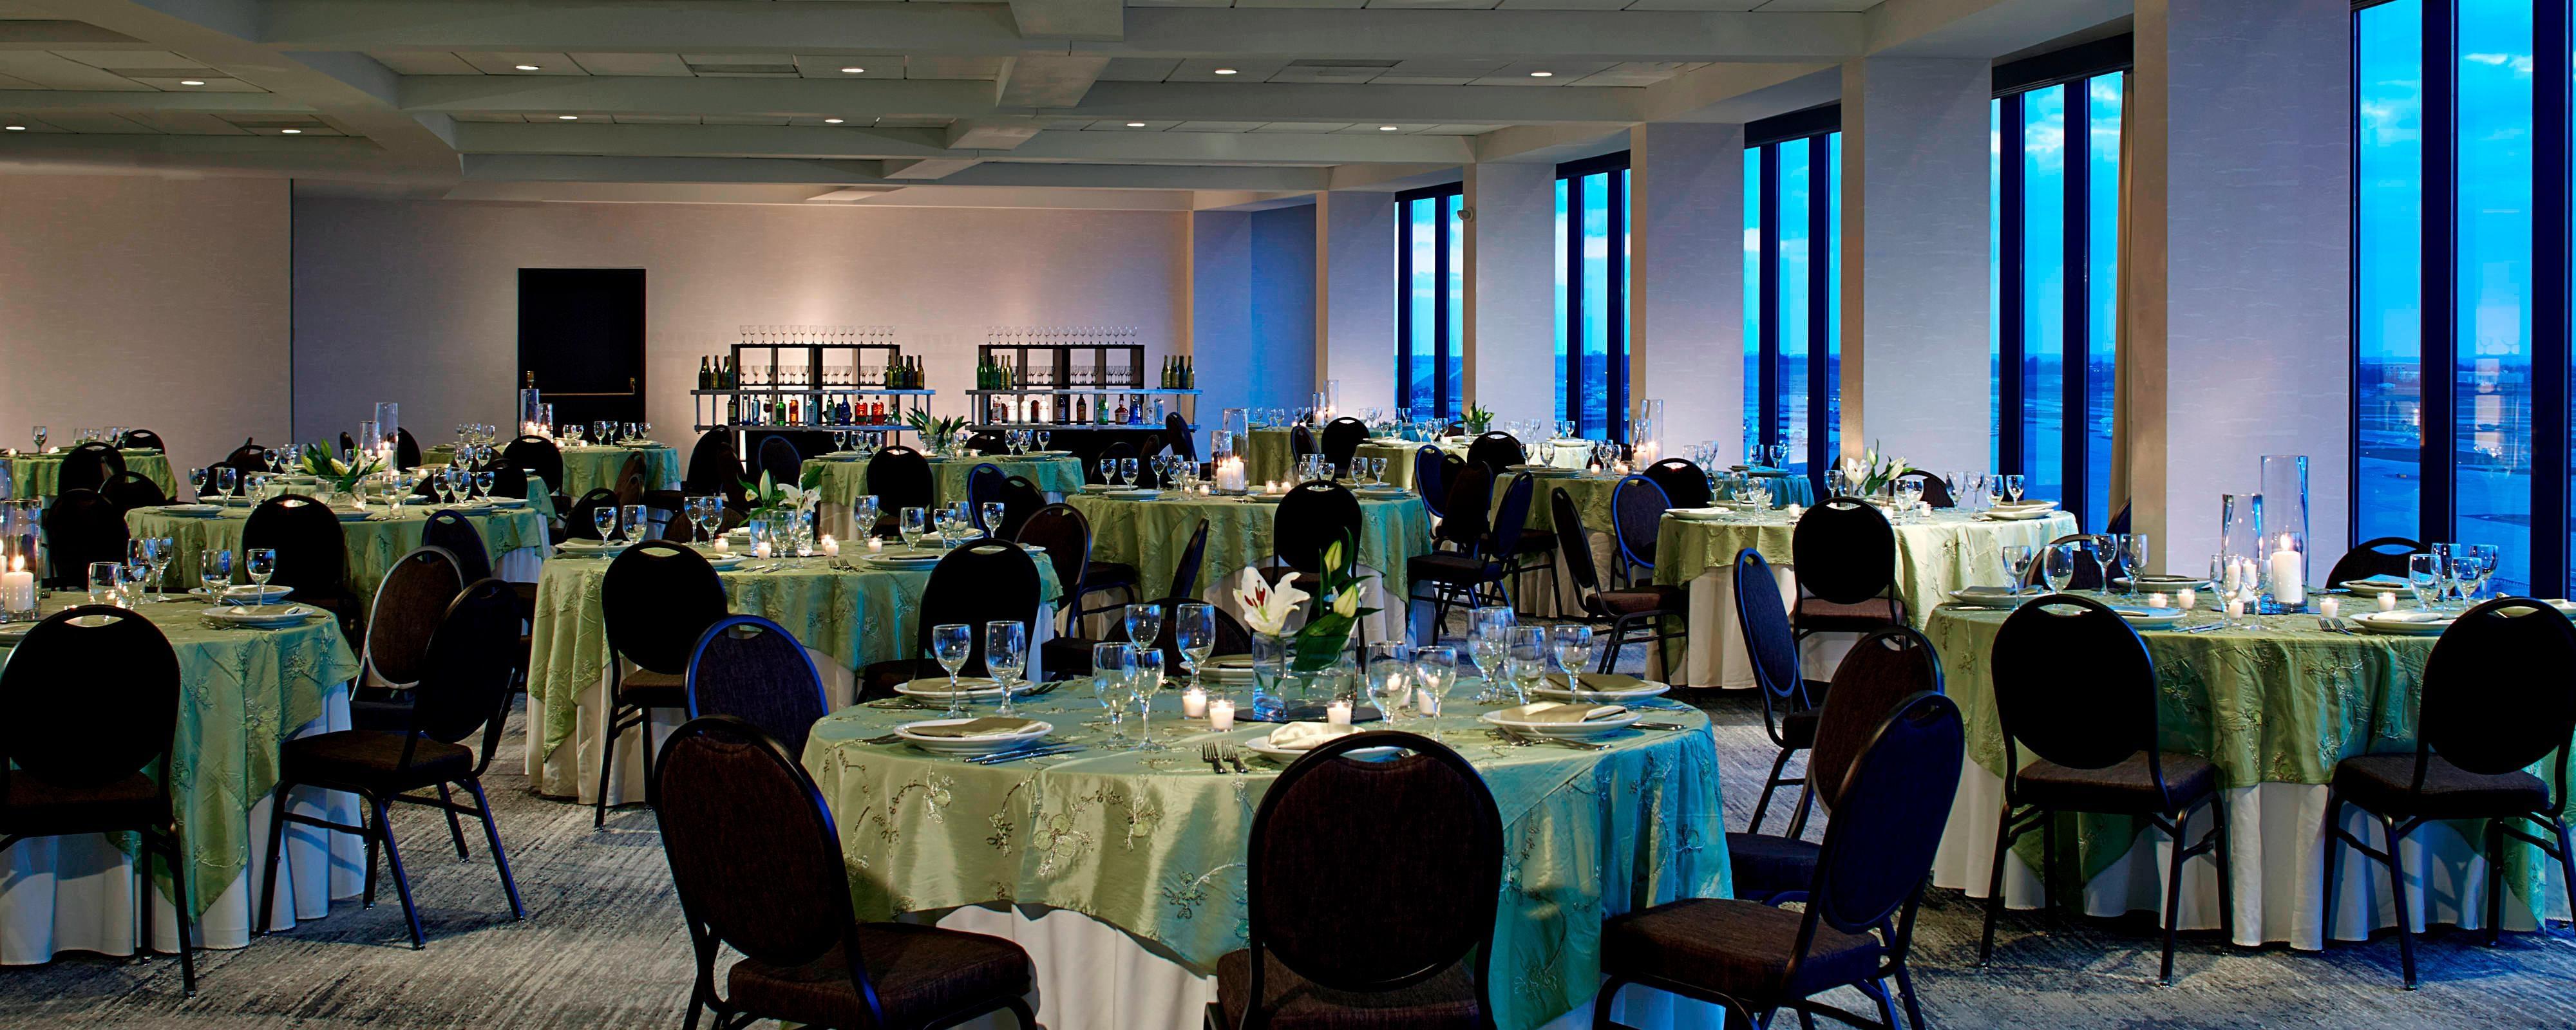 Wedding Venues In St Louis Missouri Renaissance St Louis